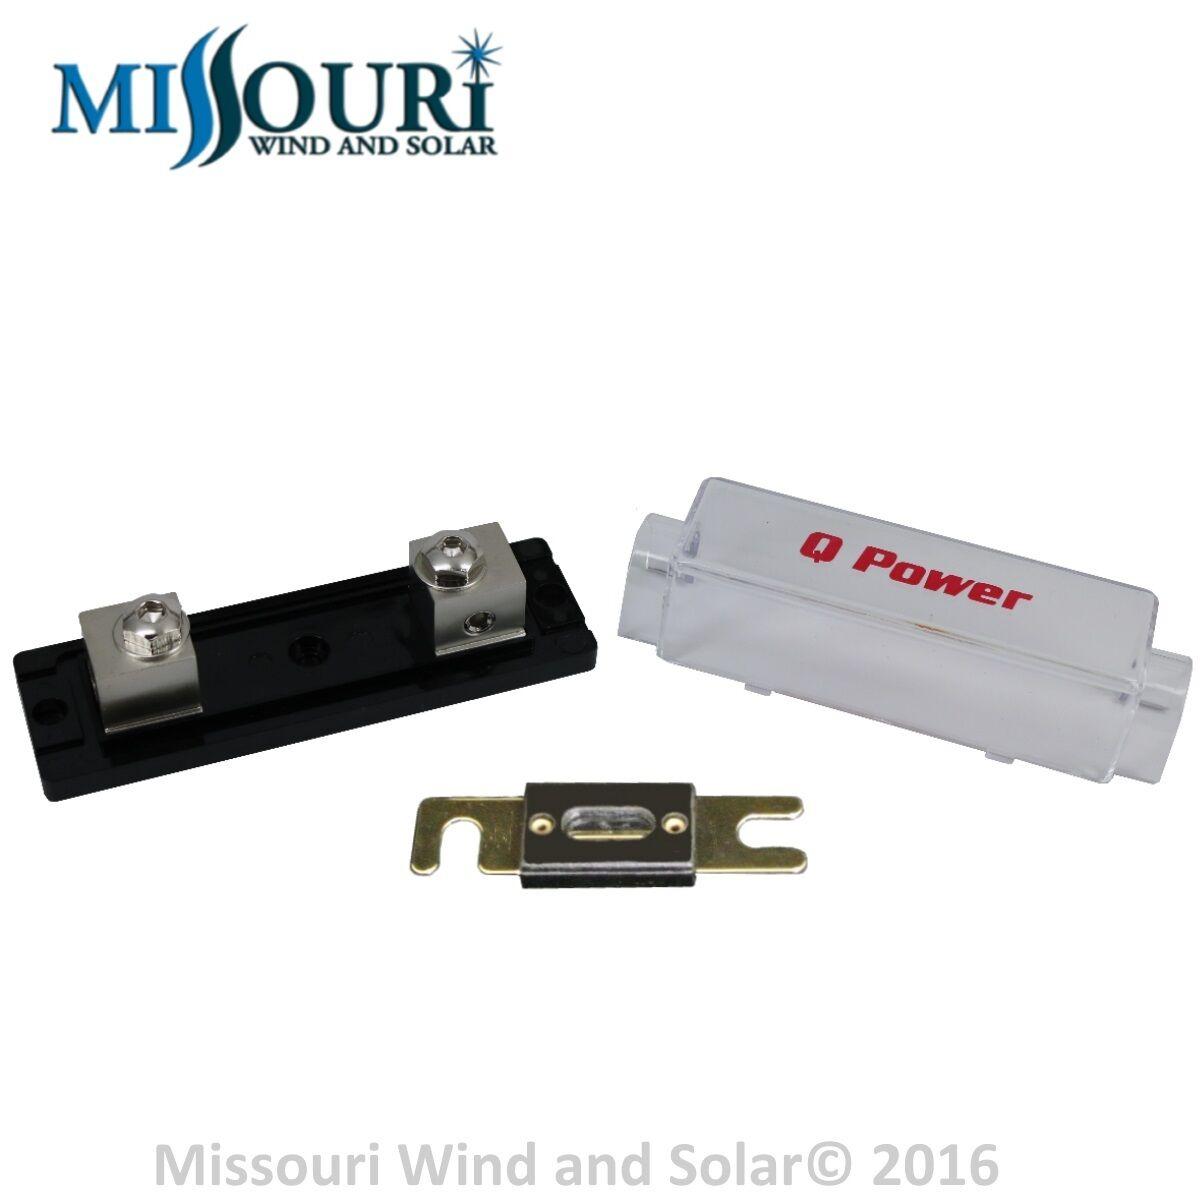 200 Amp Fuse And Holder 4 Inverter Wind Turbine Wind